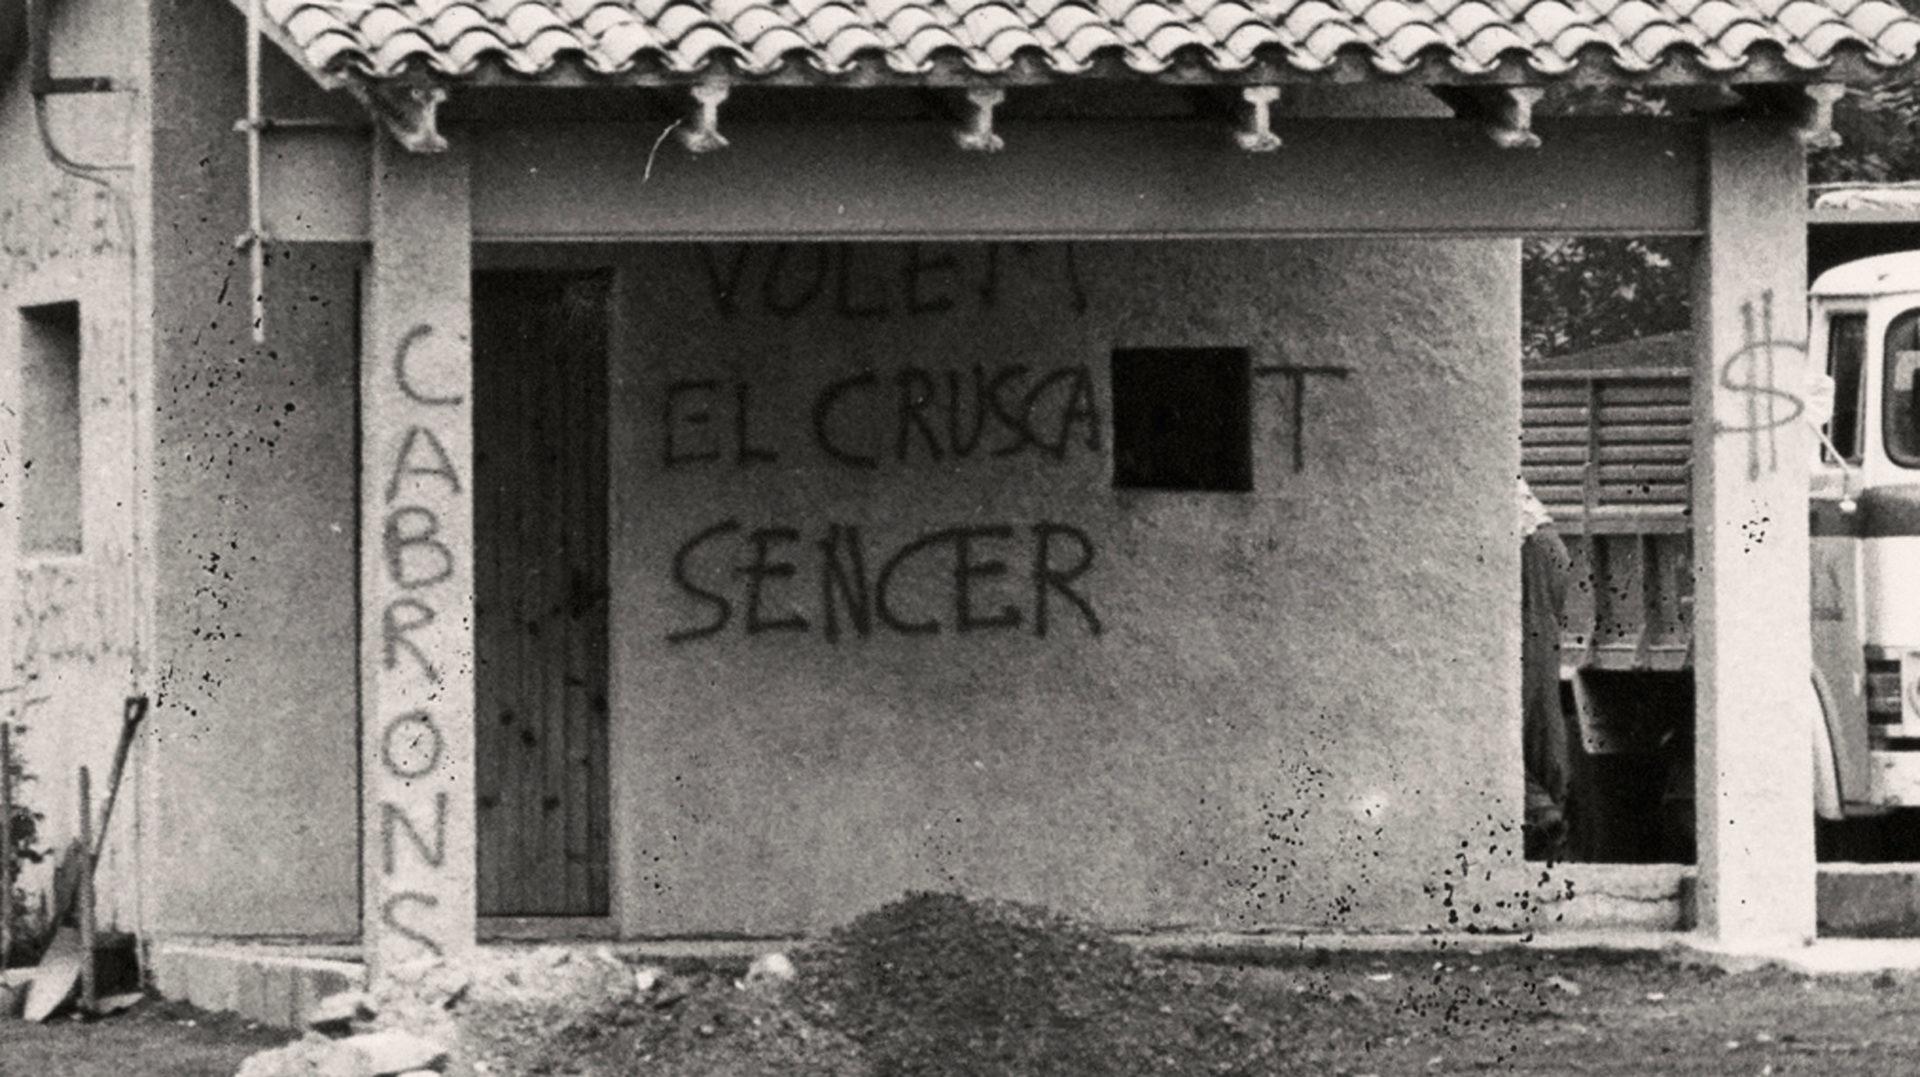 Pintades al carrer (Olot, 1936-2018)